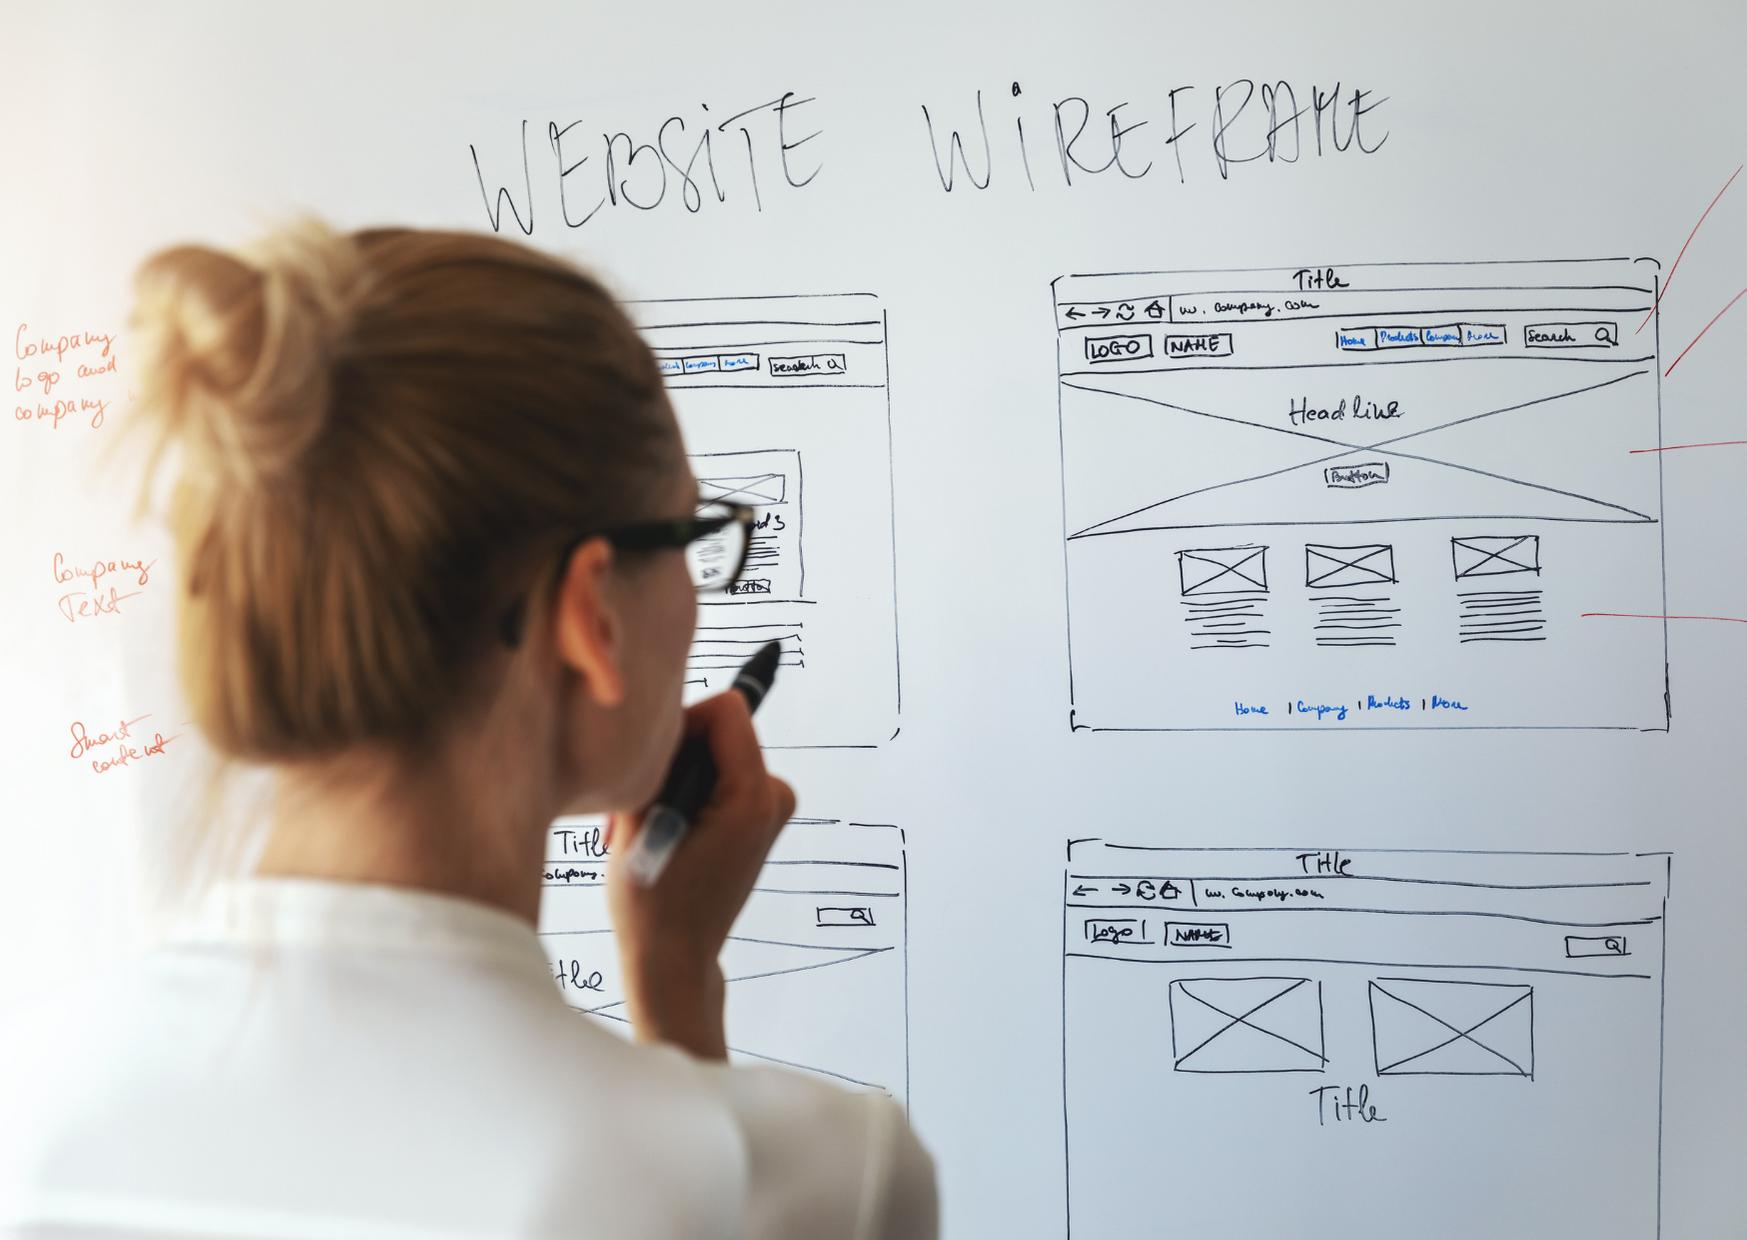 Jak zoptymalizować stronę internetową pod konkretne wskaźniki Core Web Vitals? Praktyczny poradnik